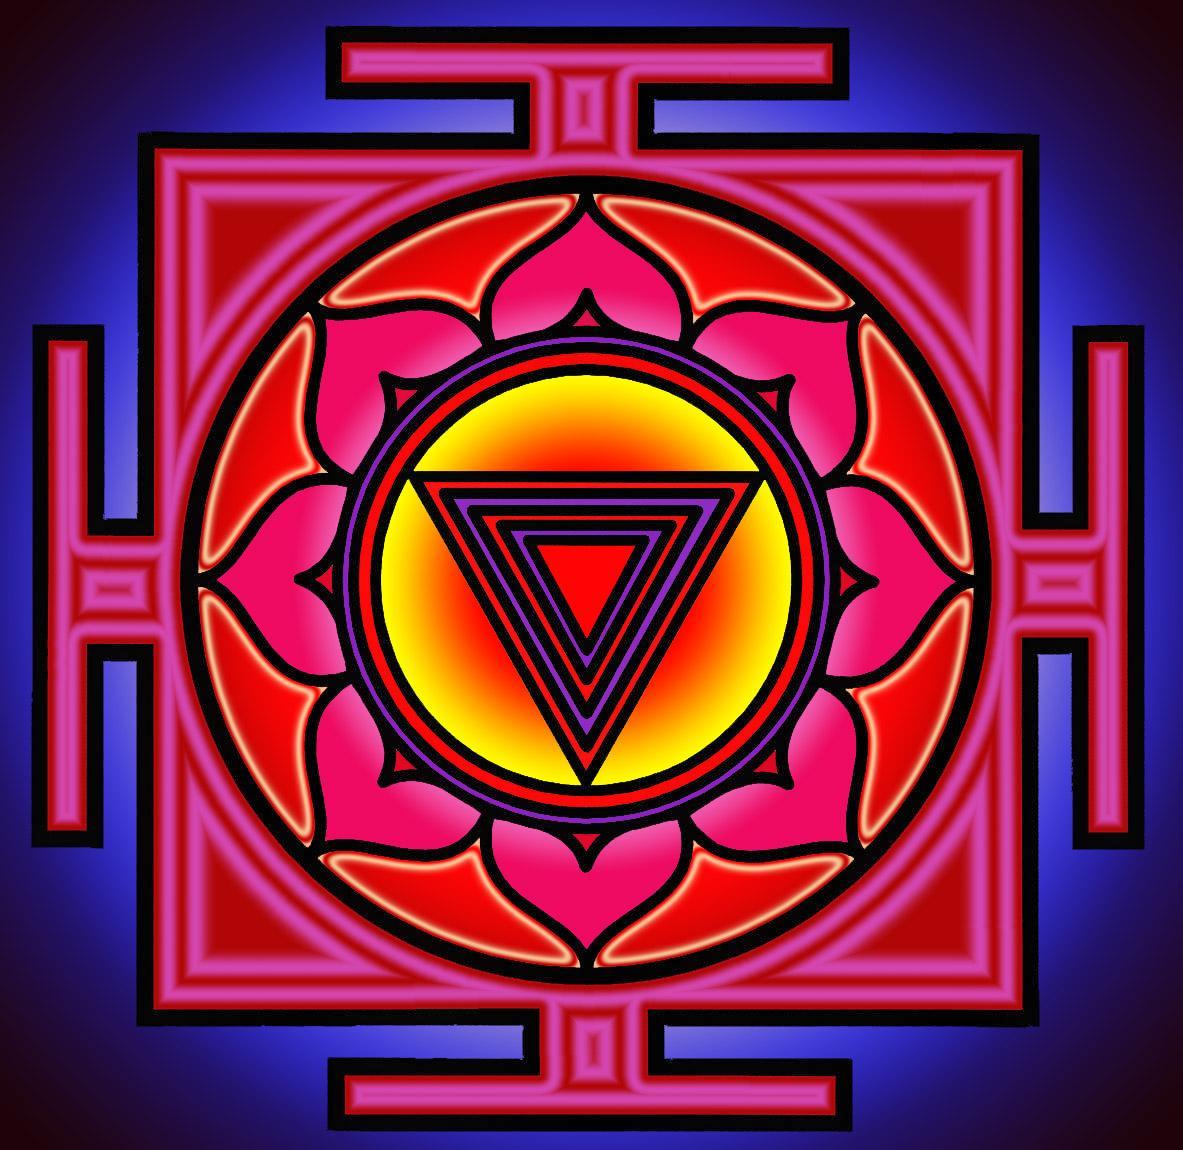 Kali yantra color - Une méditation sur Kali